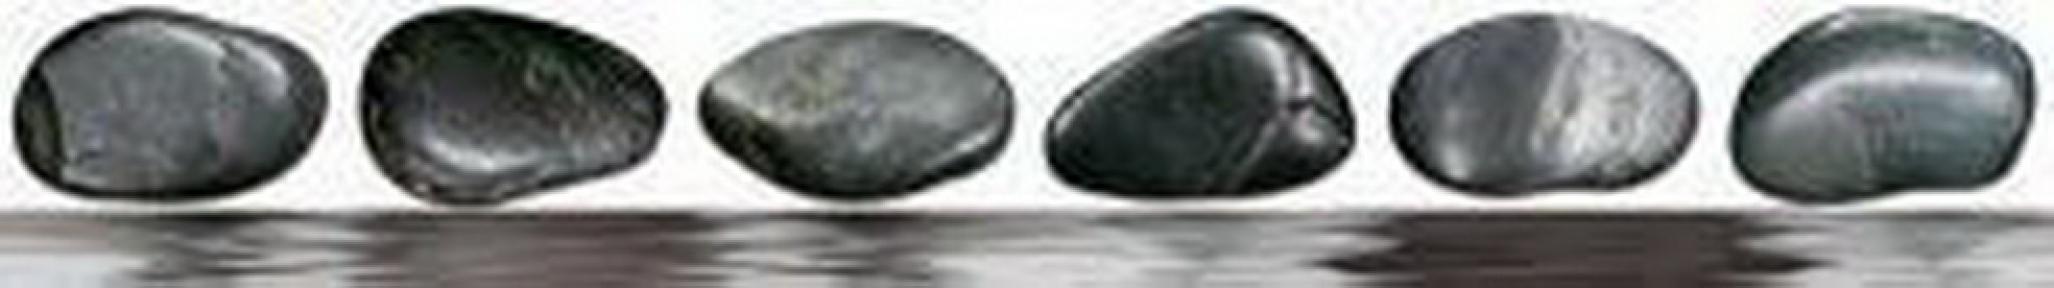 ФРЕШ черный Бордюр 7х50 770504-330